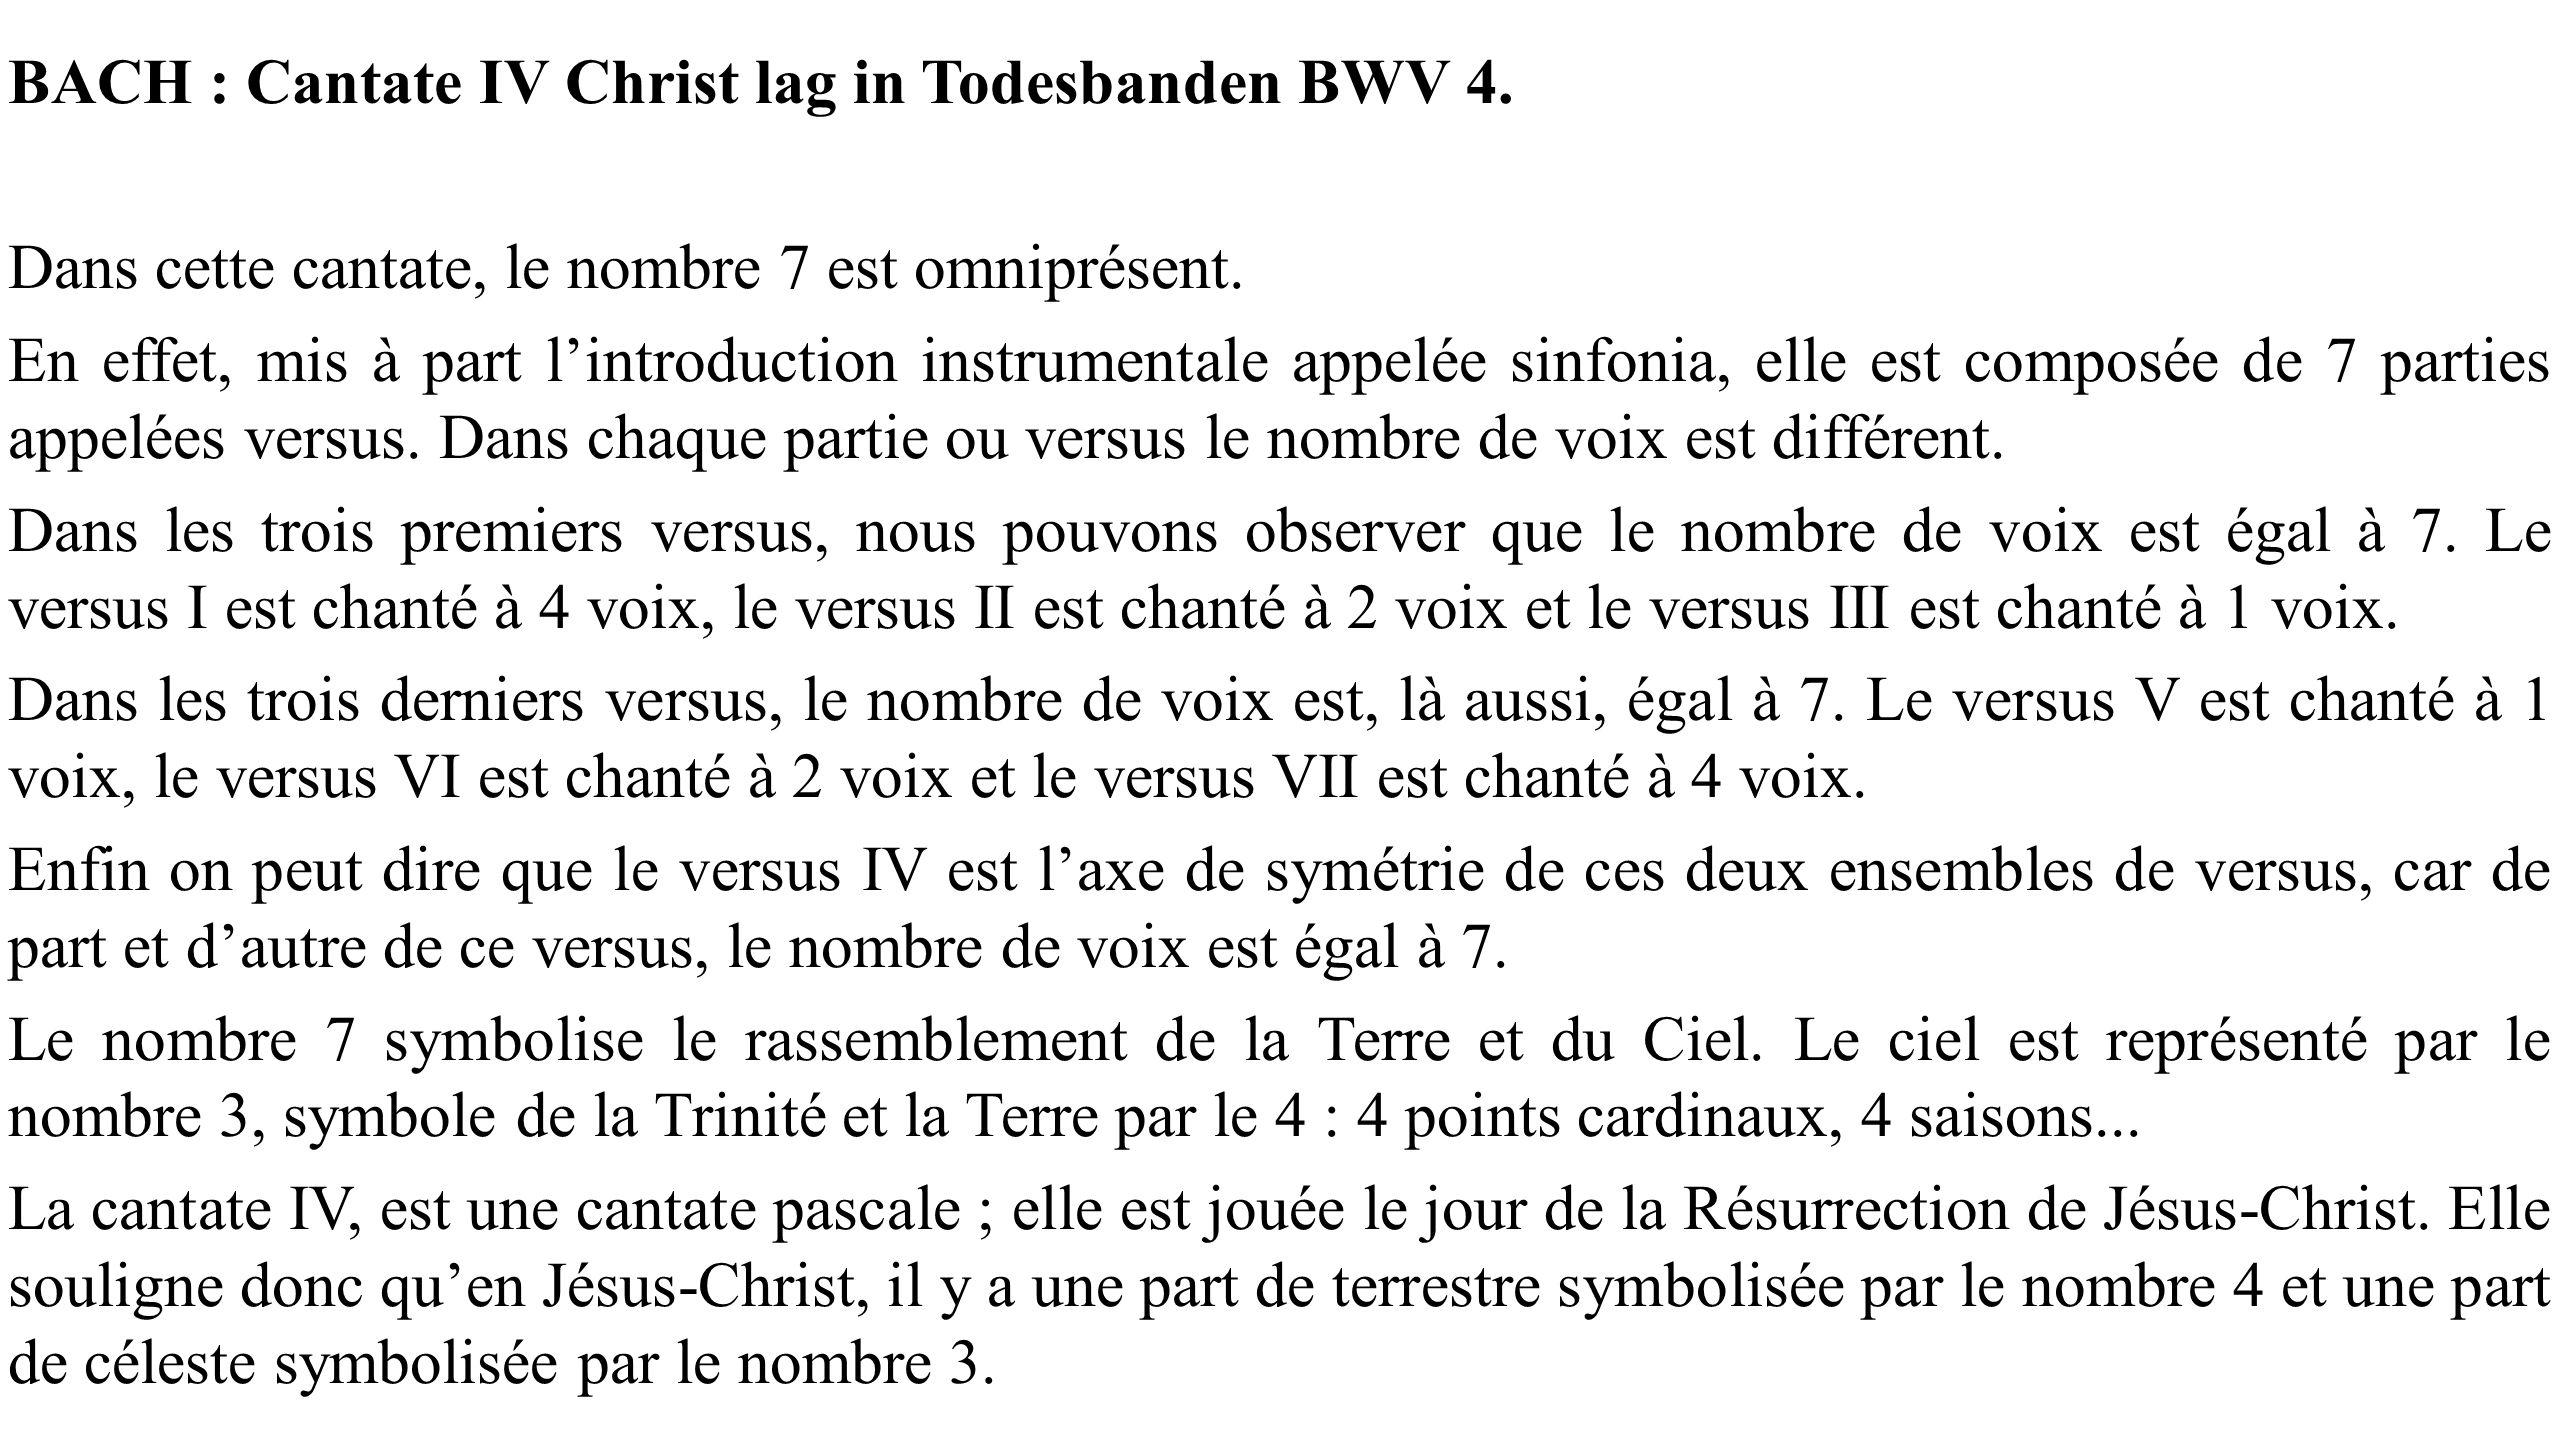 BACH : Cantate IV Christ lag in Todesbanden BWV 4. Dans cette cantate, le nombre 7 est omniprésent. En effet, mis à part lintroduction instrumentale a